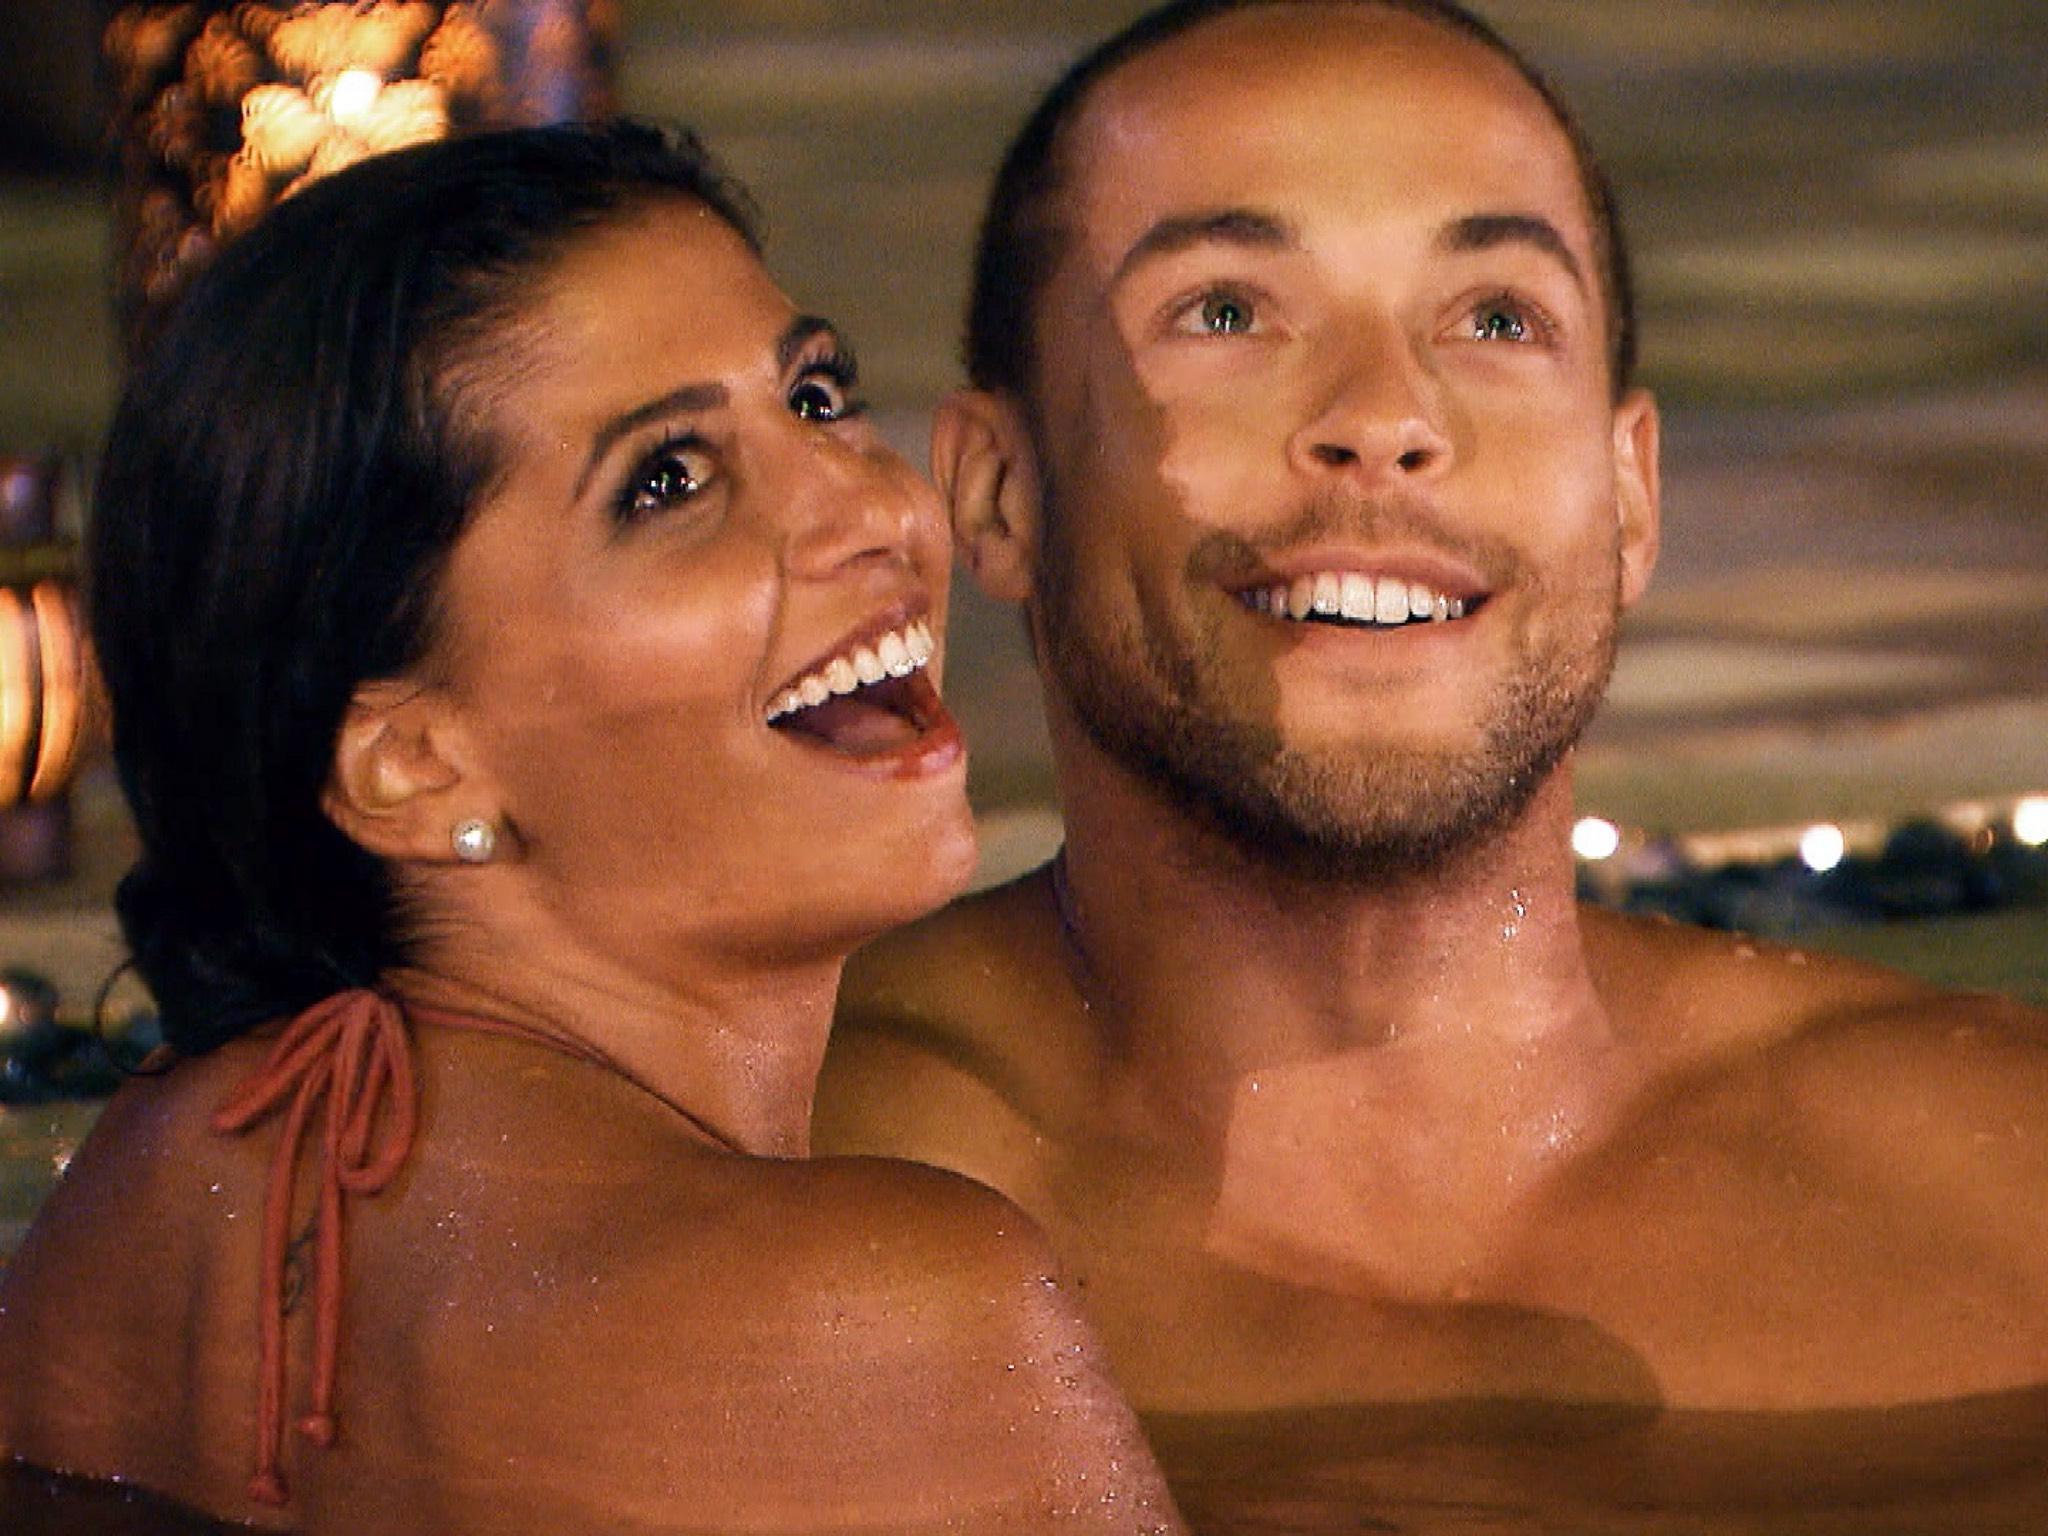 """Zum krönenden Abschluss ihres Dates bekommen Eva und Andrej ein spektakuläres Feuerwerk geboten. Alle Episoden von """"Der Bachelor"""" bei TVNOW: www.tvnow.de. Foto: MG RTL D"""